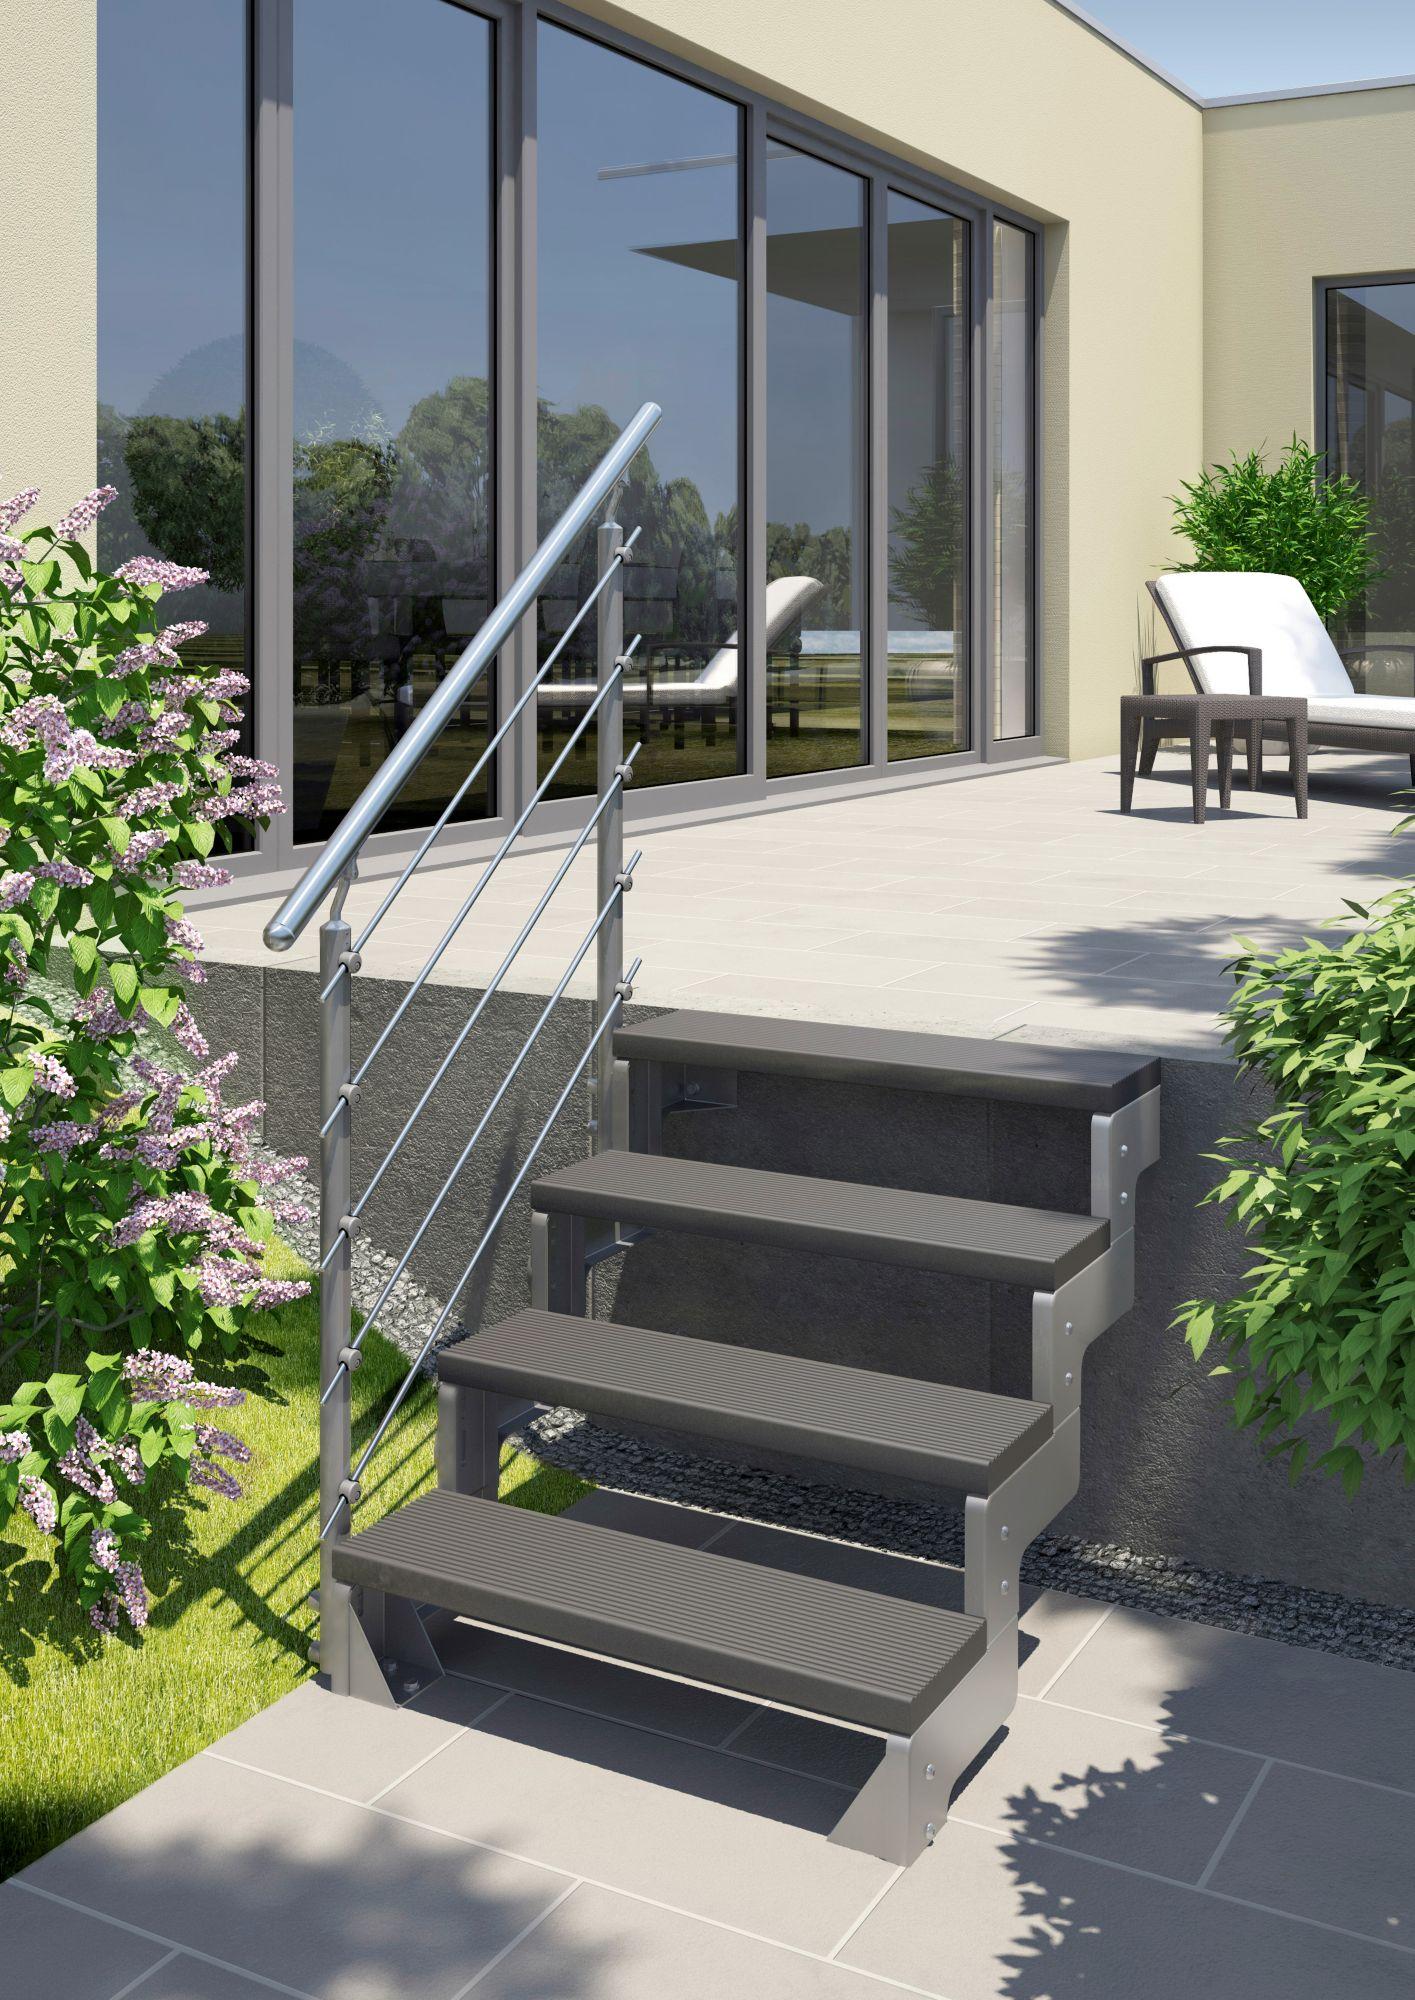 DOLLE Dolle Außentreppe »Gardentop«, Startset für 2 Stufen